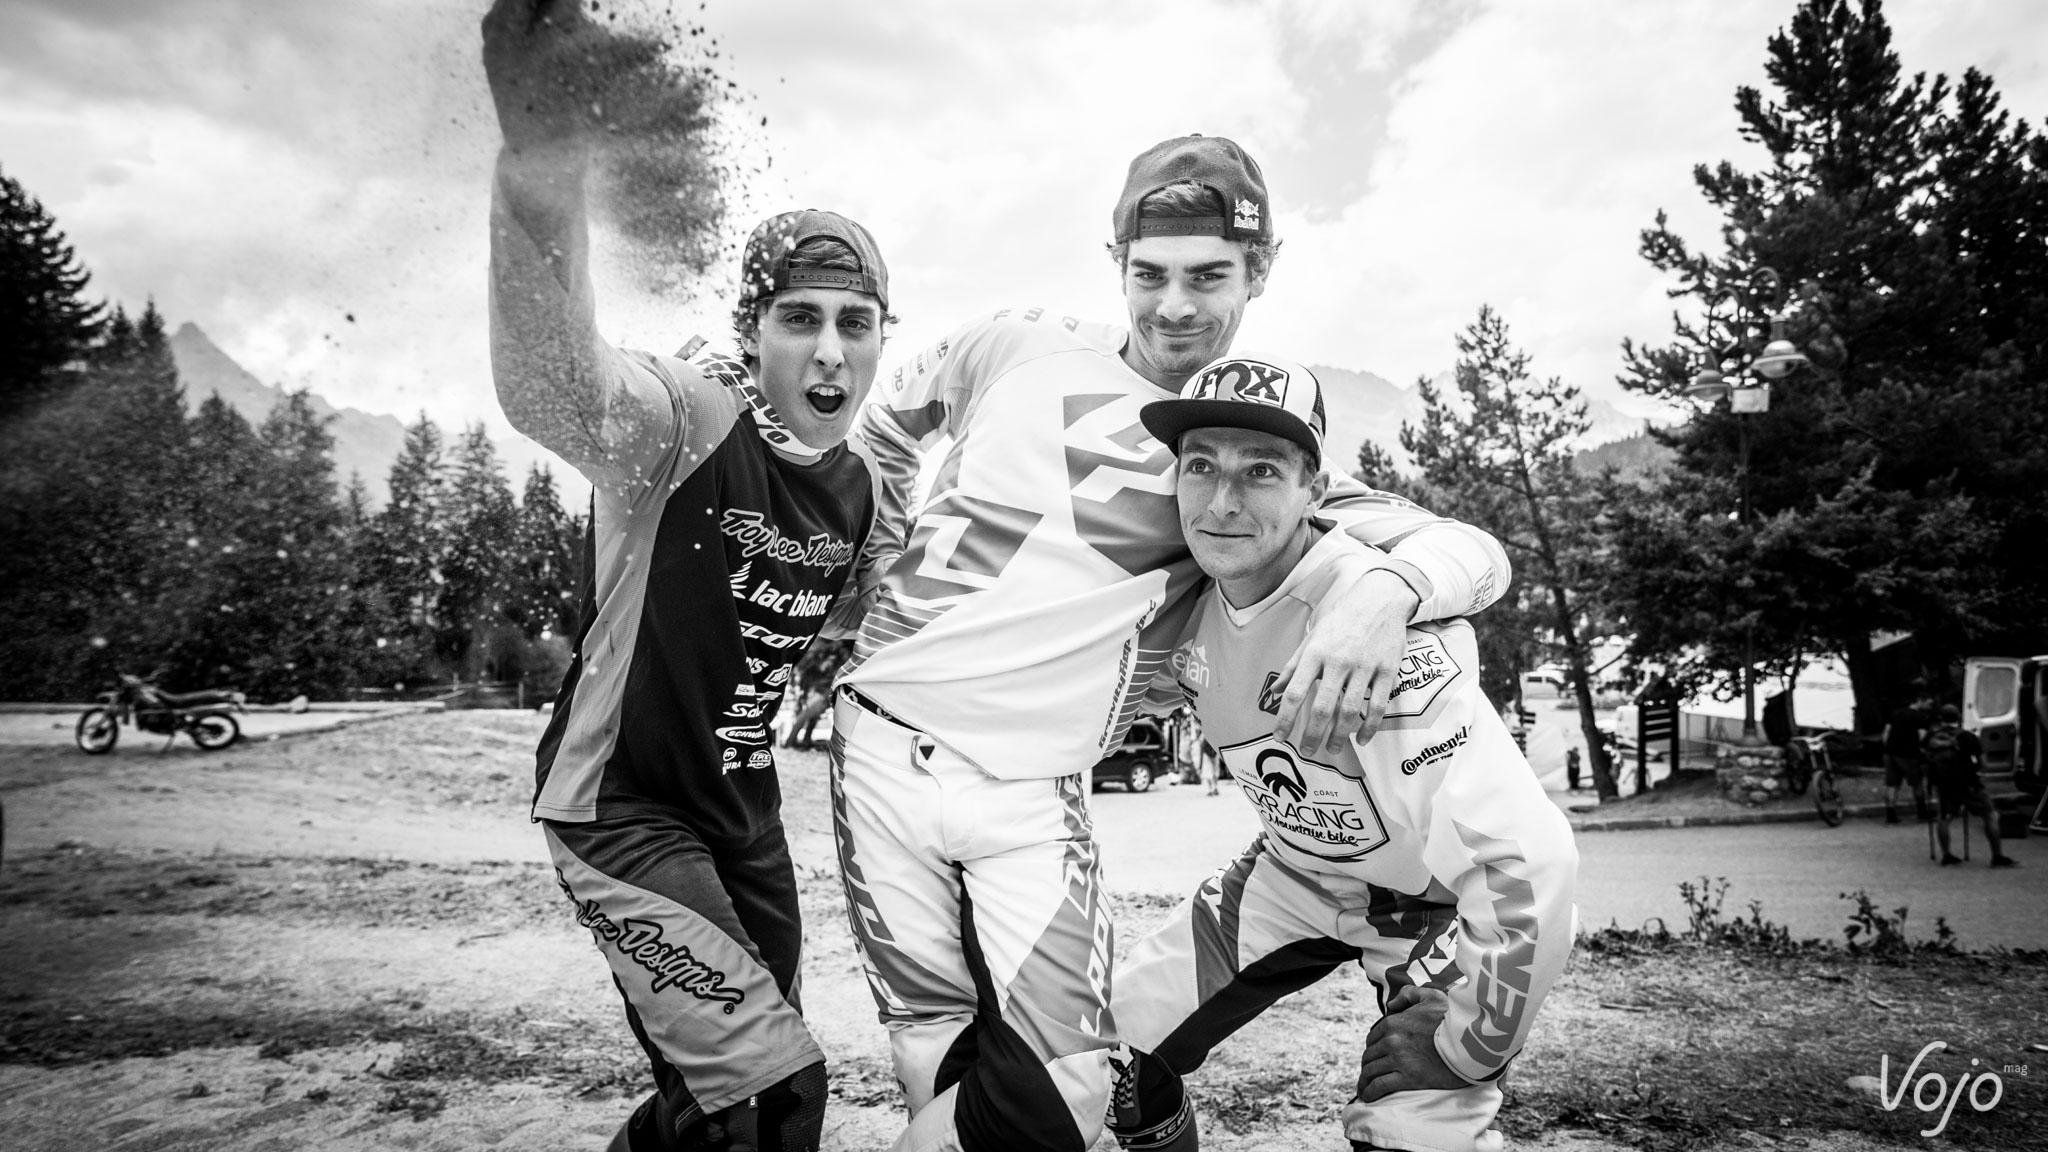 Championnats-de-france-2015-Oz-DH-resulats-6